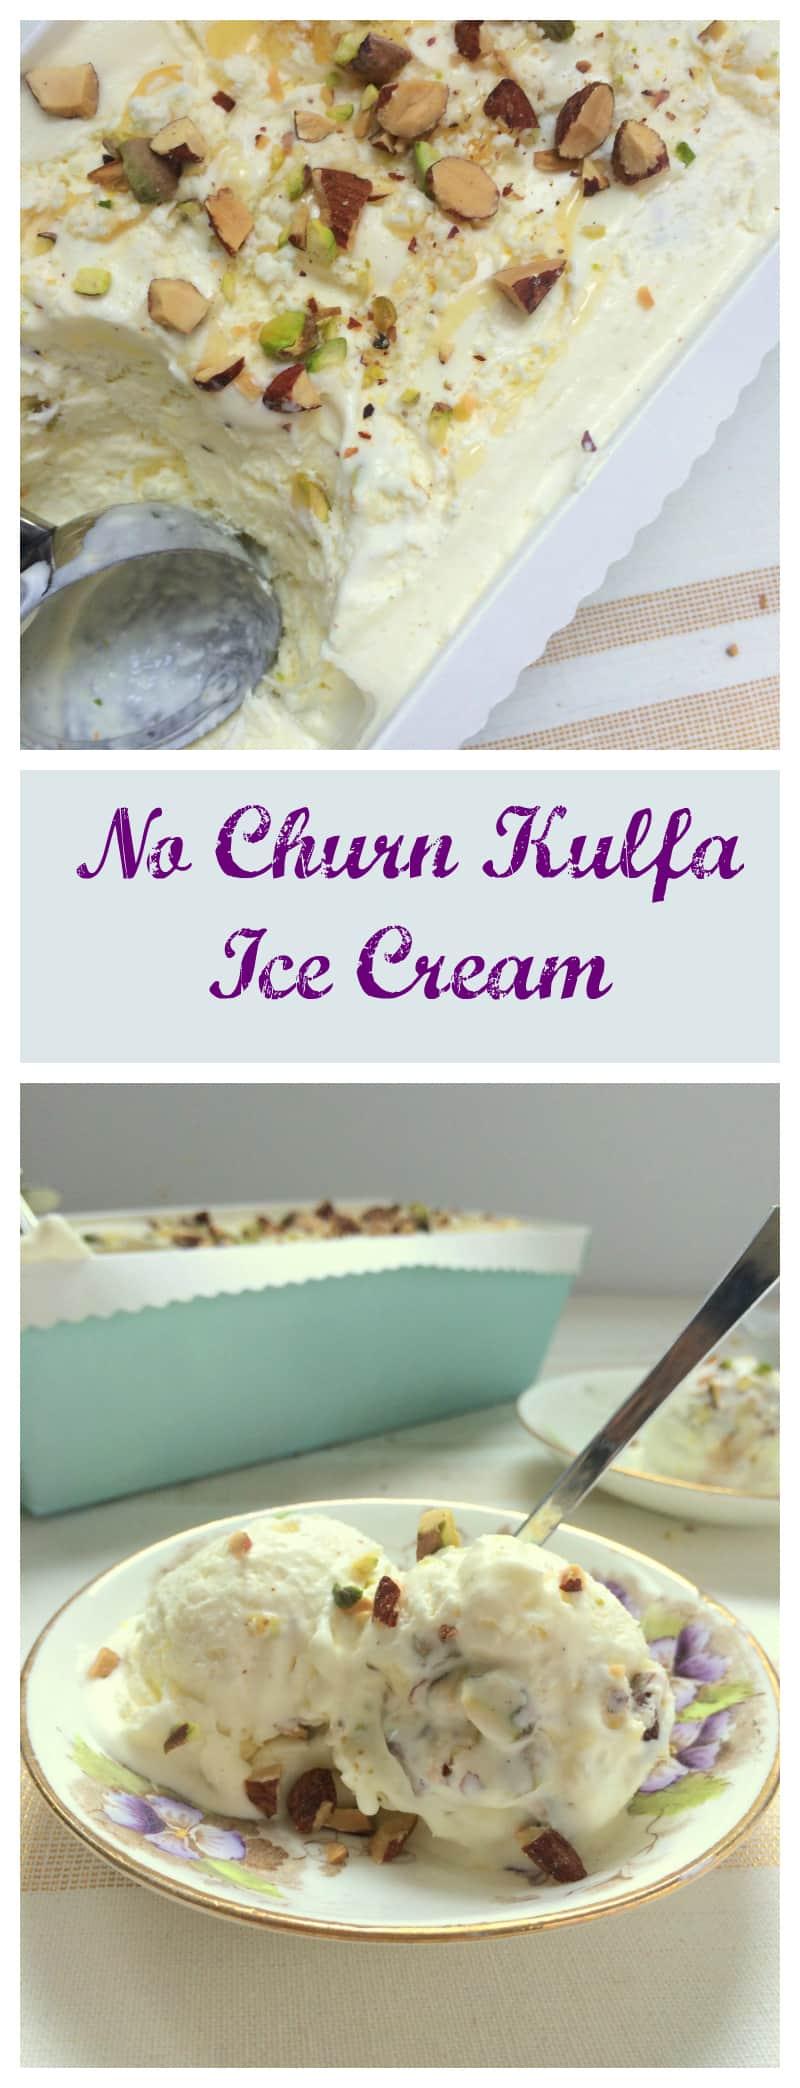 no-churn-kulfi-icecream-best